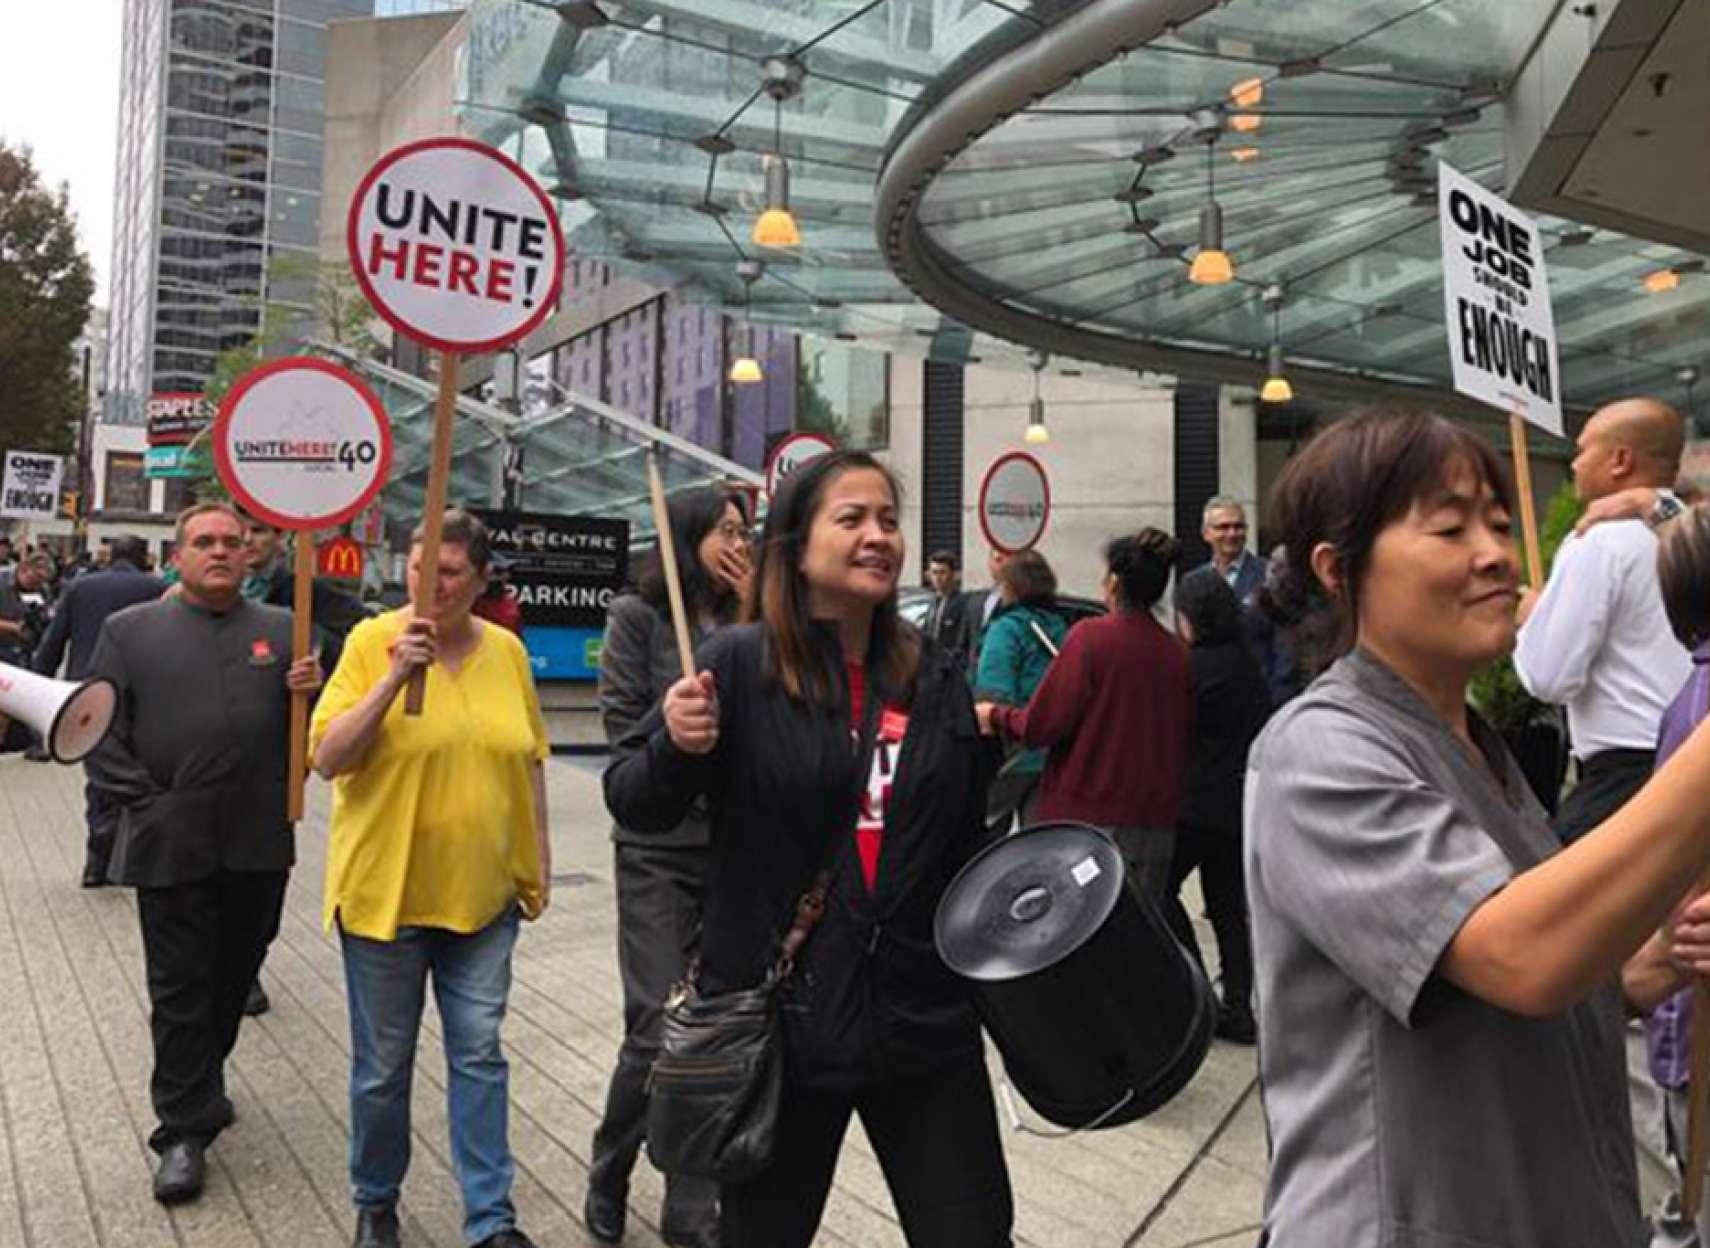 اخبار-کانادا-اعتصاب-کارگران-1000-هتل-لوکس-در-ونکوور